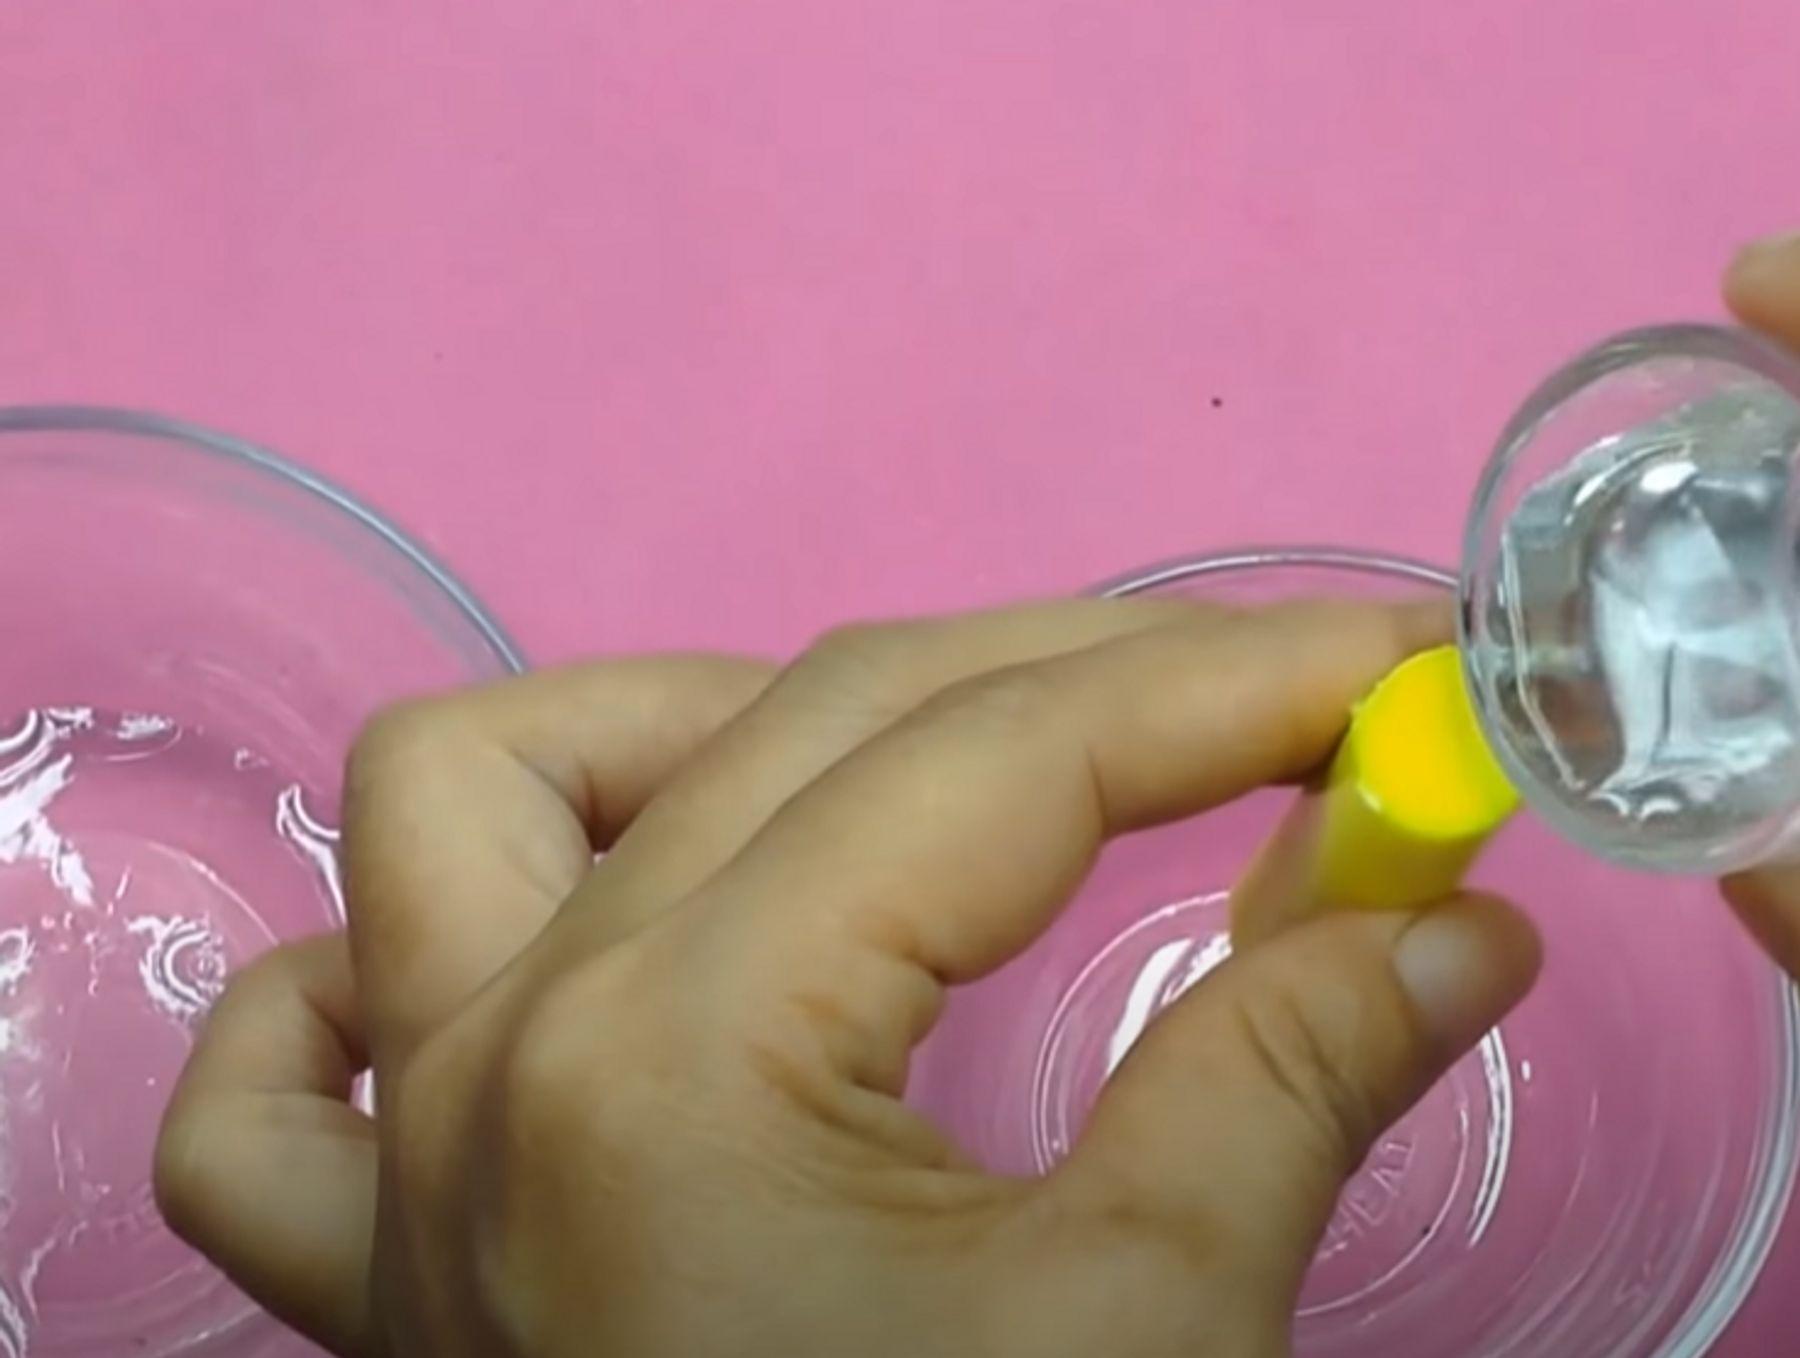 Cách làm slime bằng bút dạ quang, hồ nước cực đẹp và đơn giản